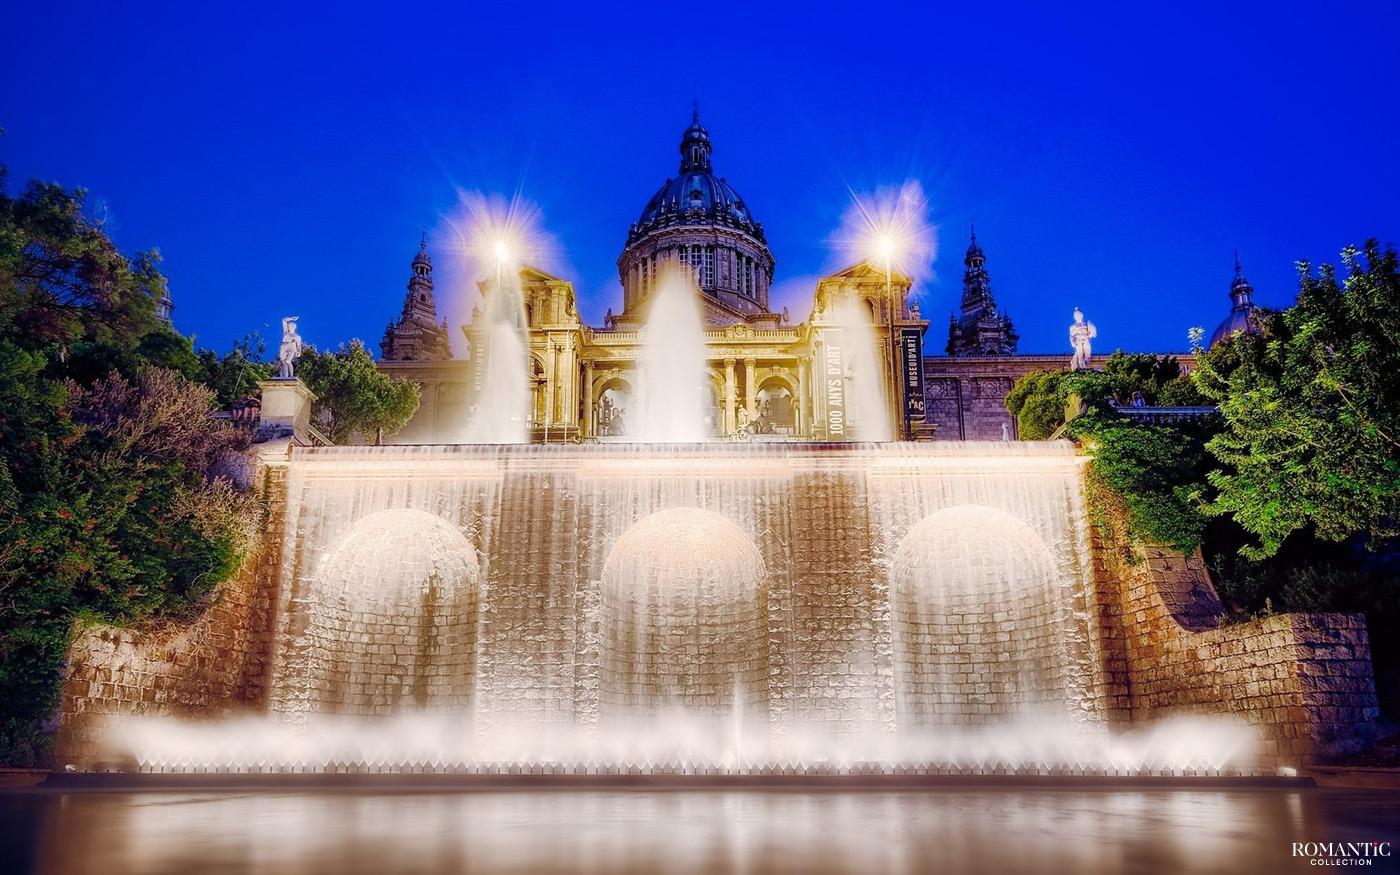 Фонтан Монжуик. Барселона, Испания